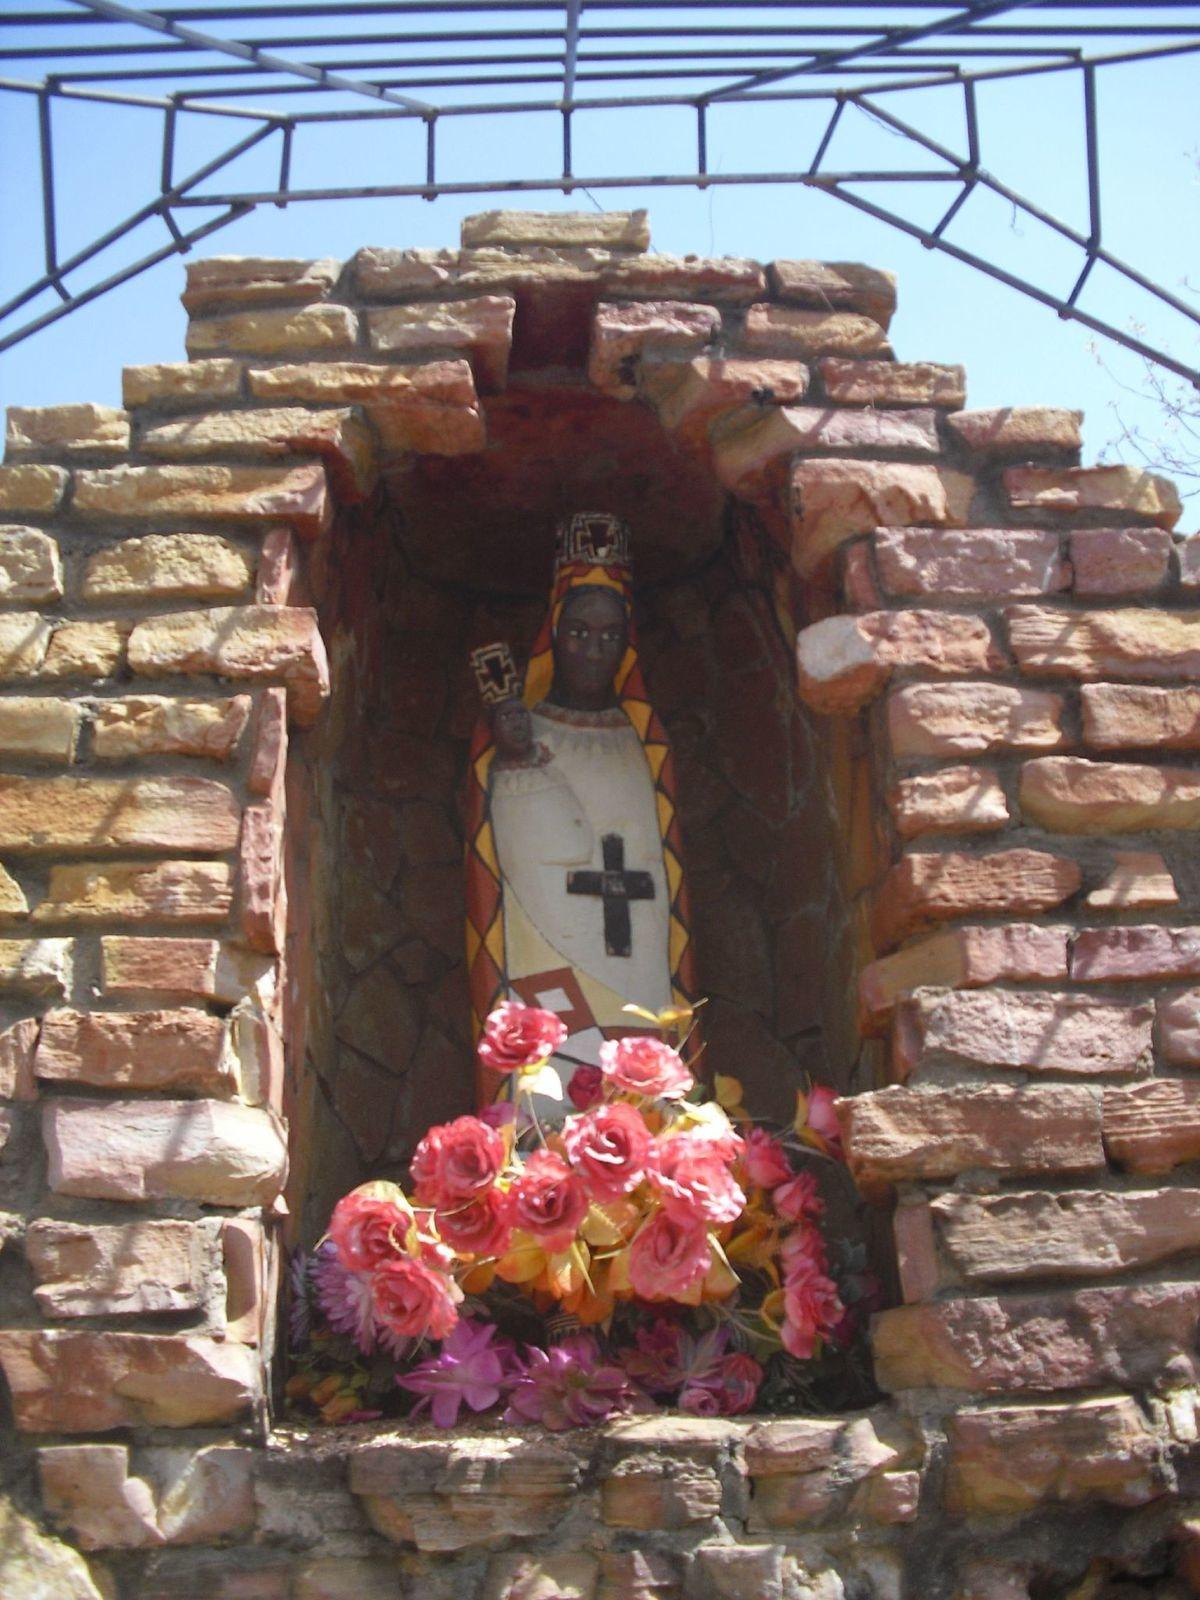 Pélerinage Marial de Popenguine : L'apparition de la Vierge Marie toujours attendue